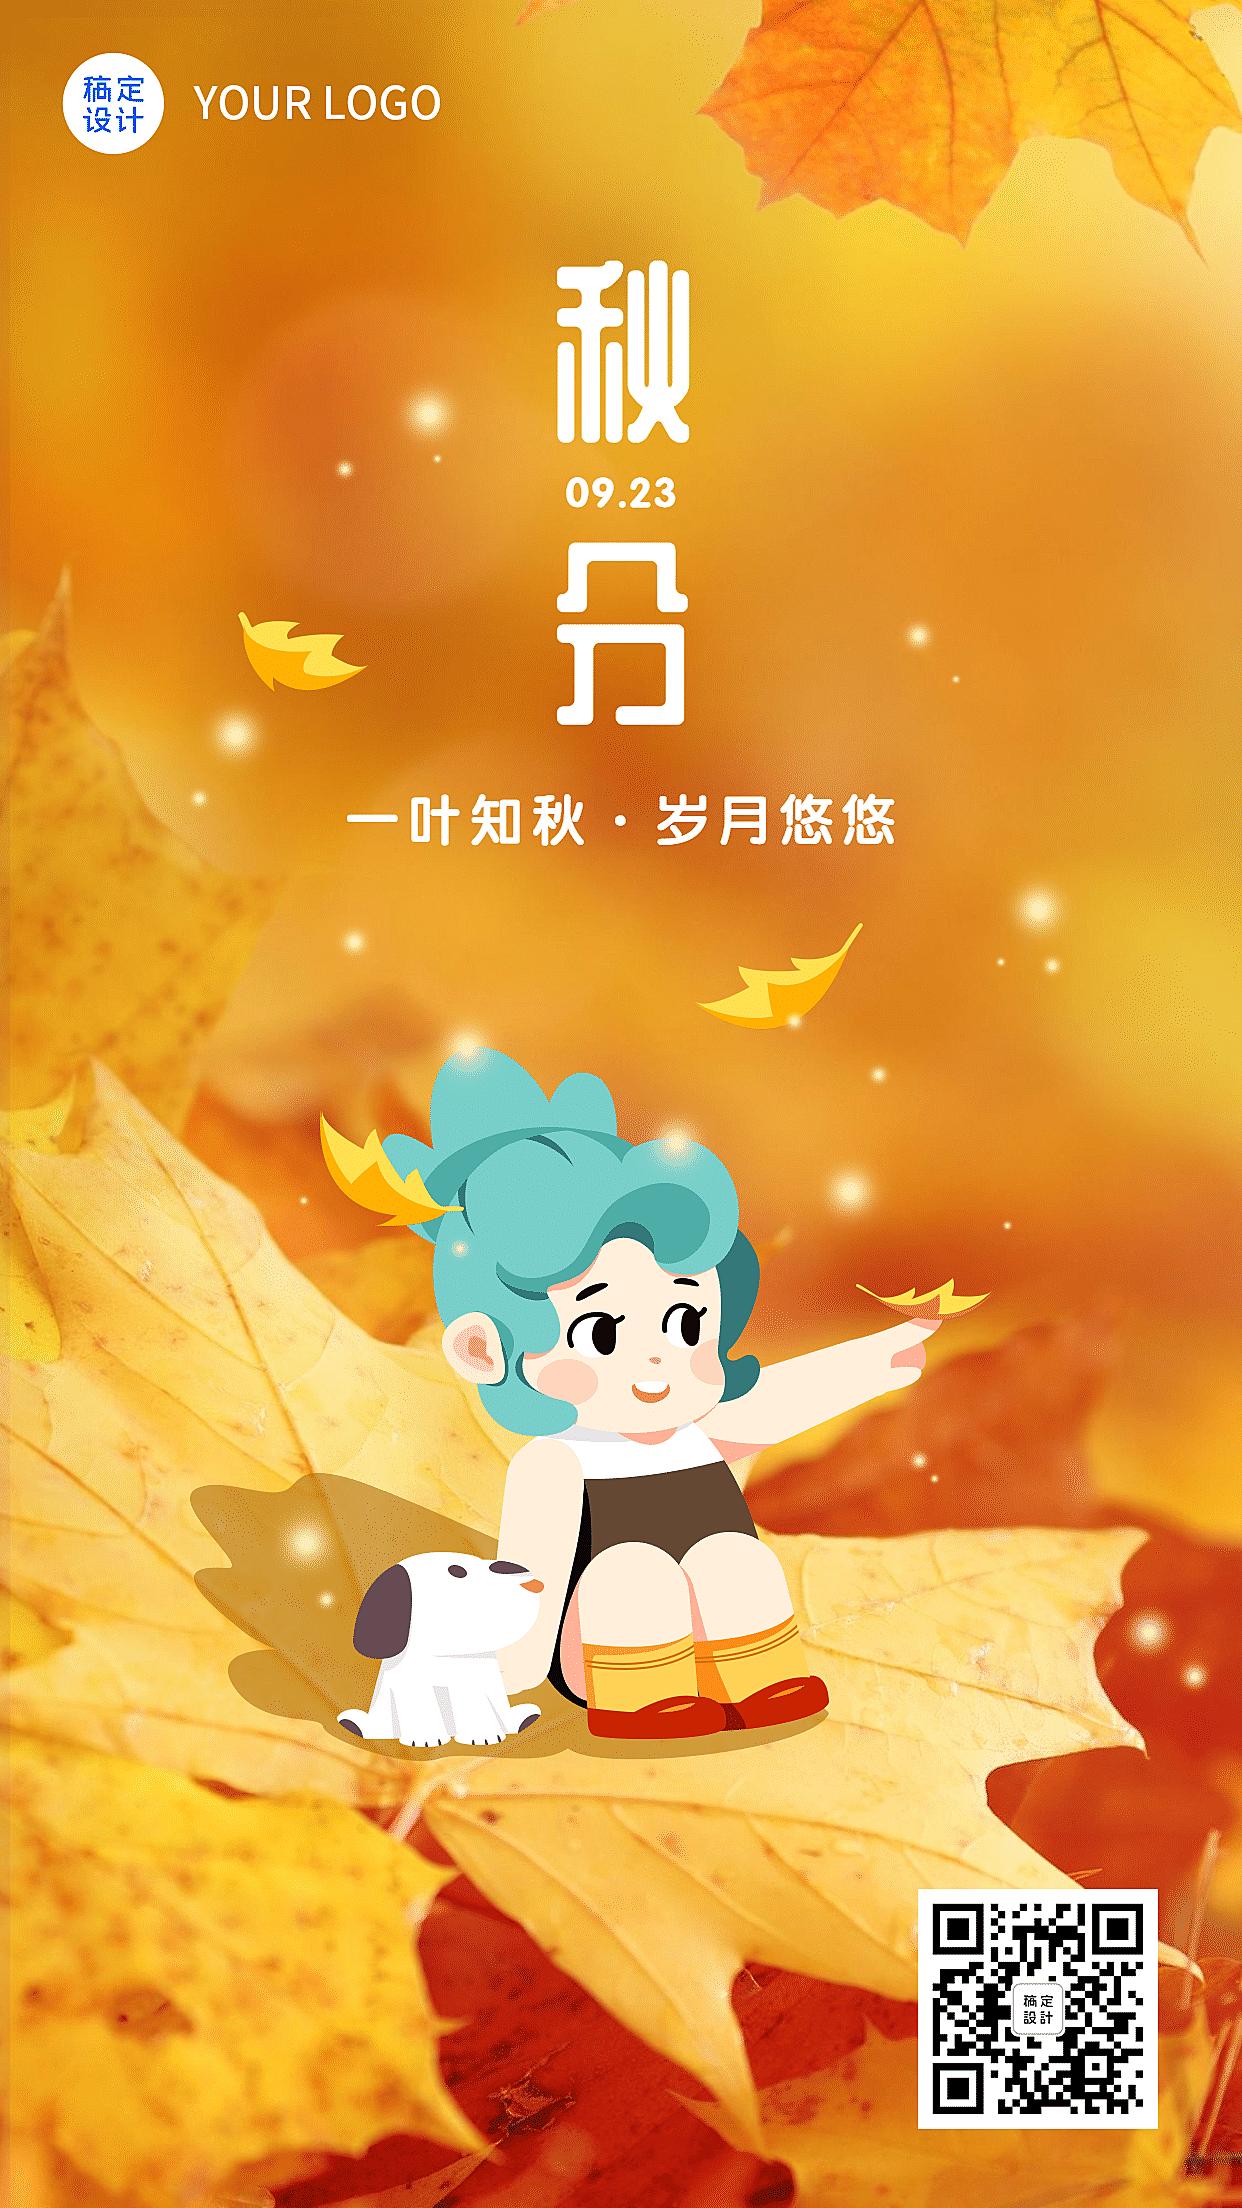 秋分节气秋天你好早安问候手机海报